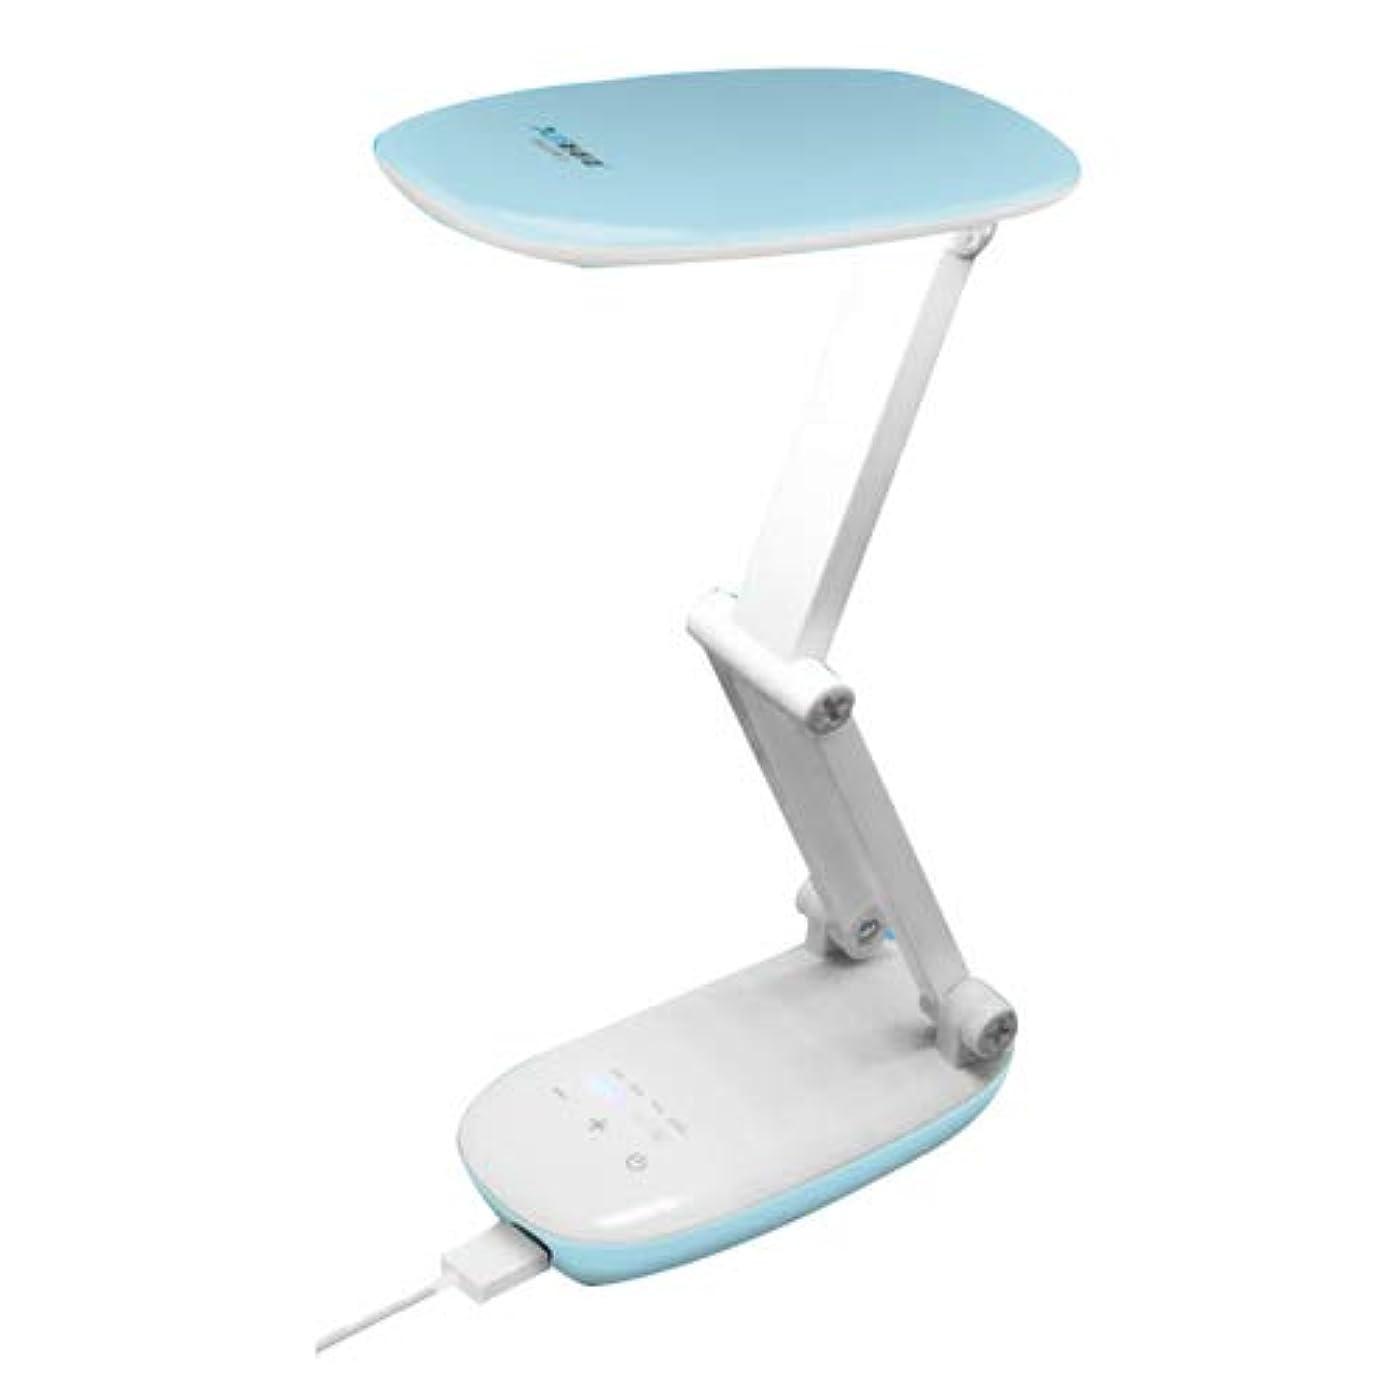 フラグラント明確なかるDJL 4つの輝度レベル、メモリ機能、ポートを充電USBでNWLAMP折り畳み式ベッドサイドテーブルランプは、アップグレードのEye-思いやりは、ベッドルームの研究のためのデスクランプ、電源銀行とのナイトランプ、読書LEDライト